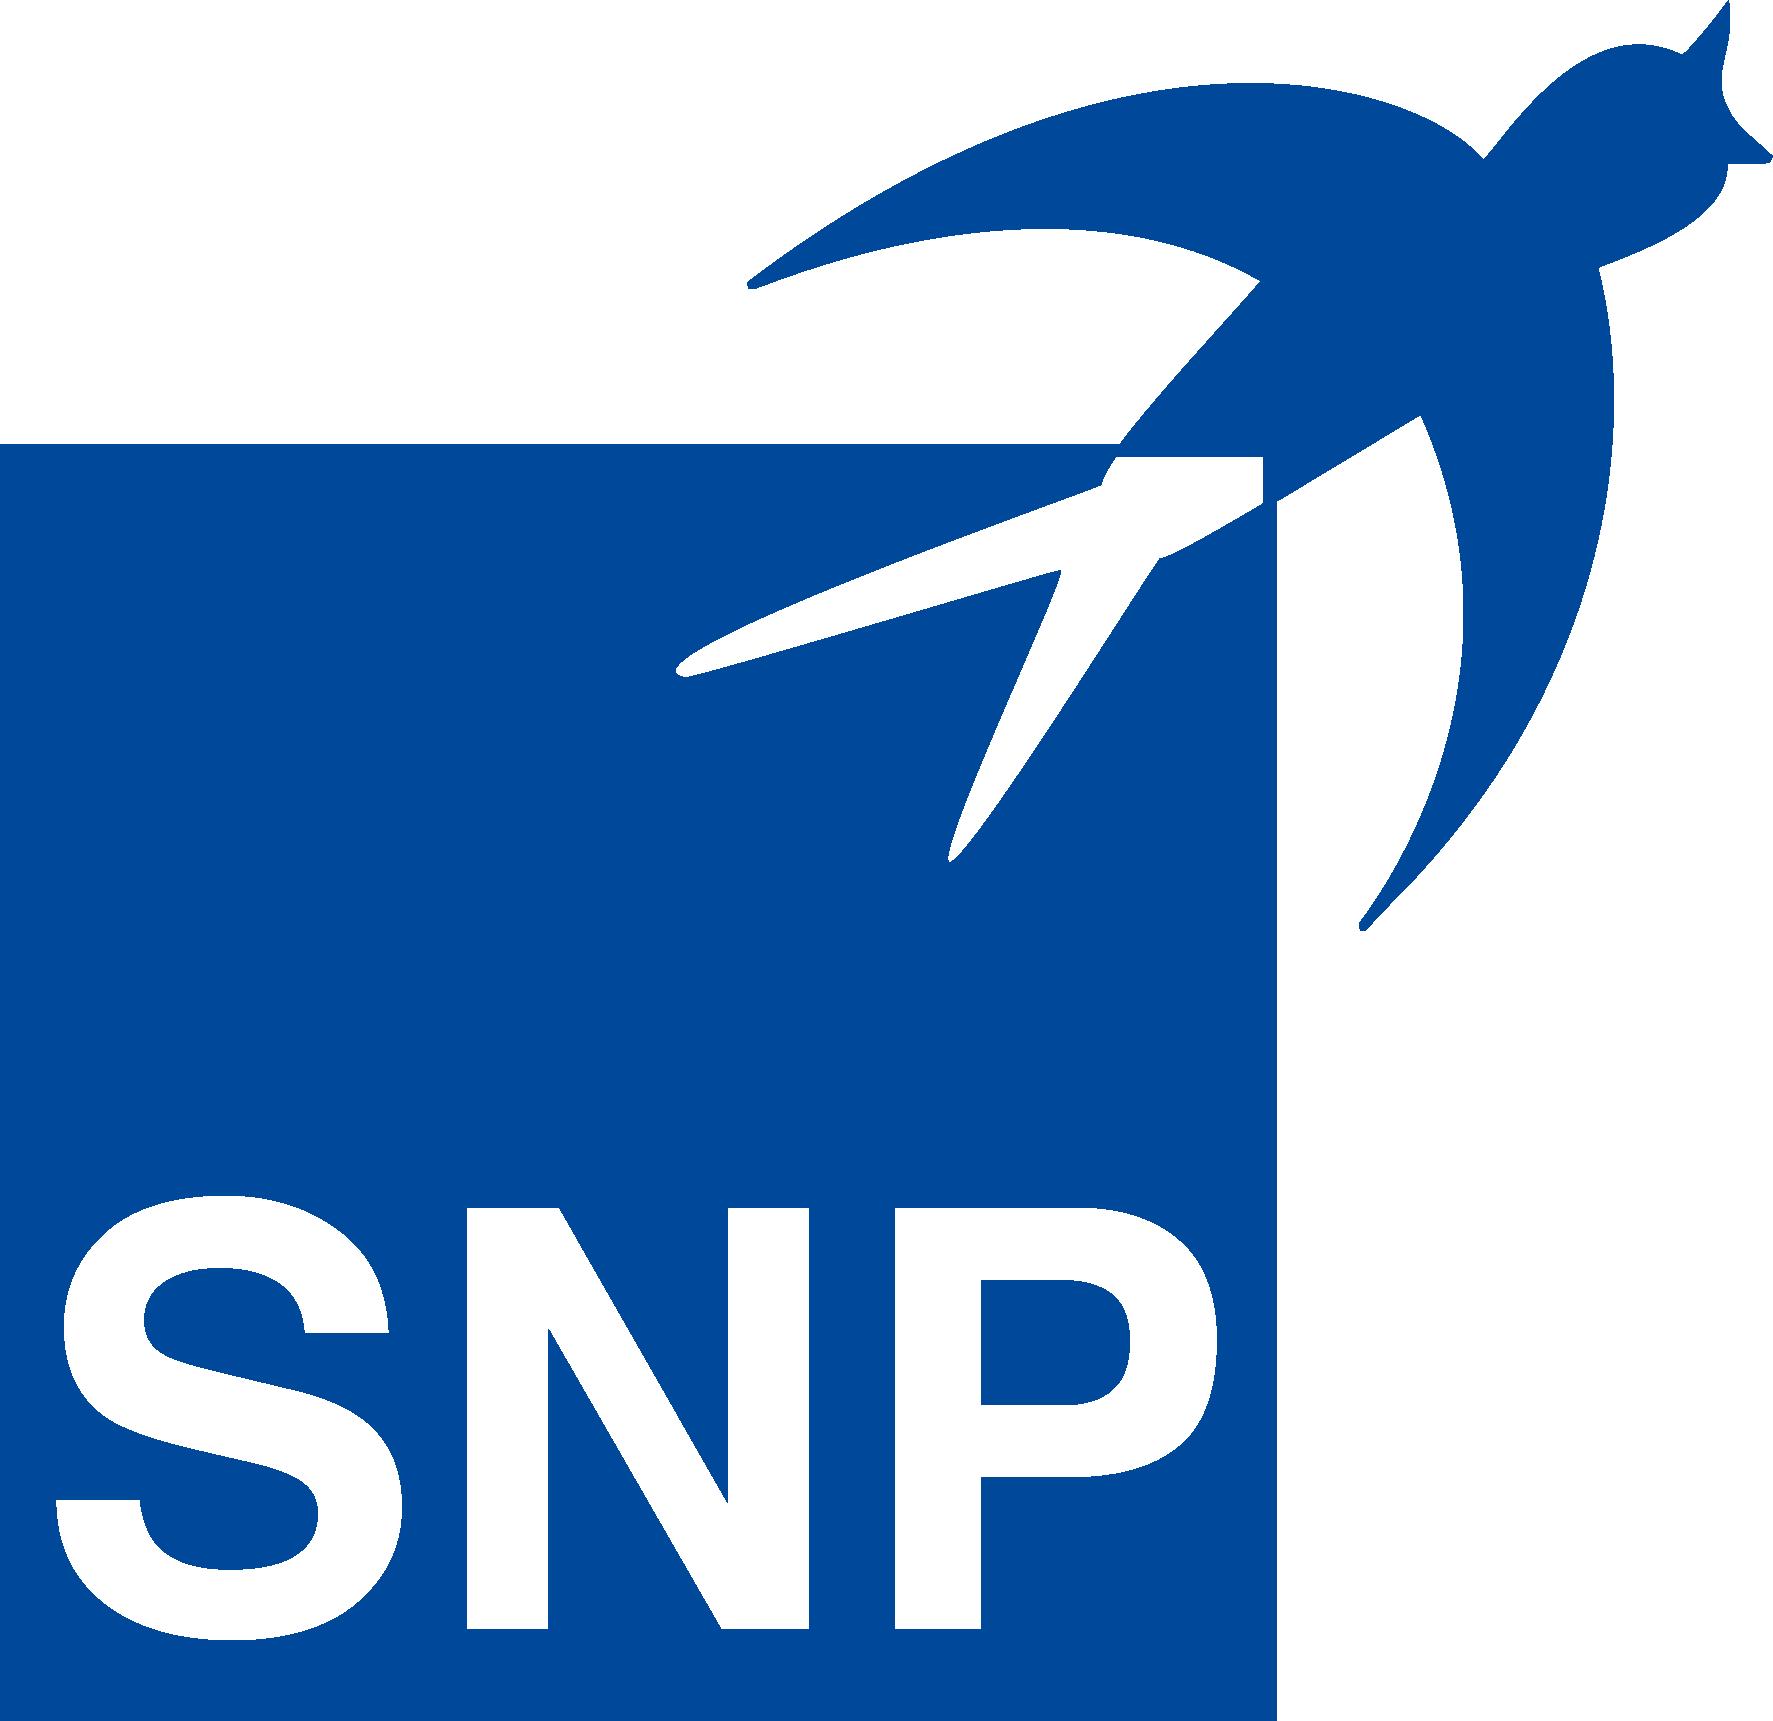 SNP Schneider-Neureither & Partner SE